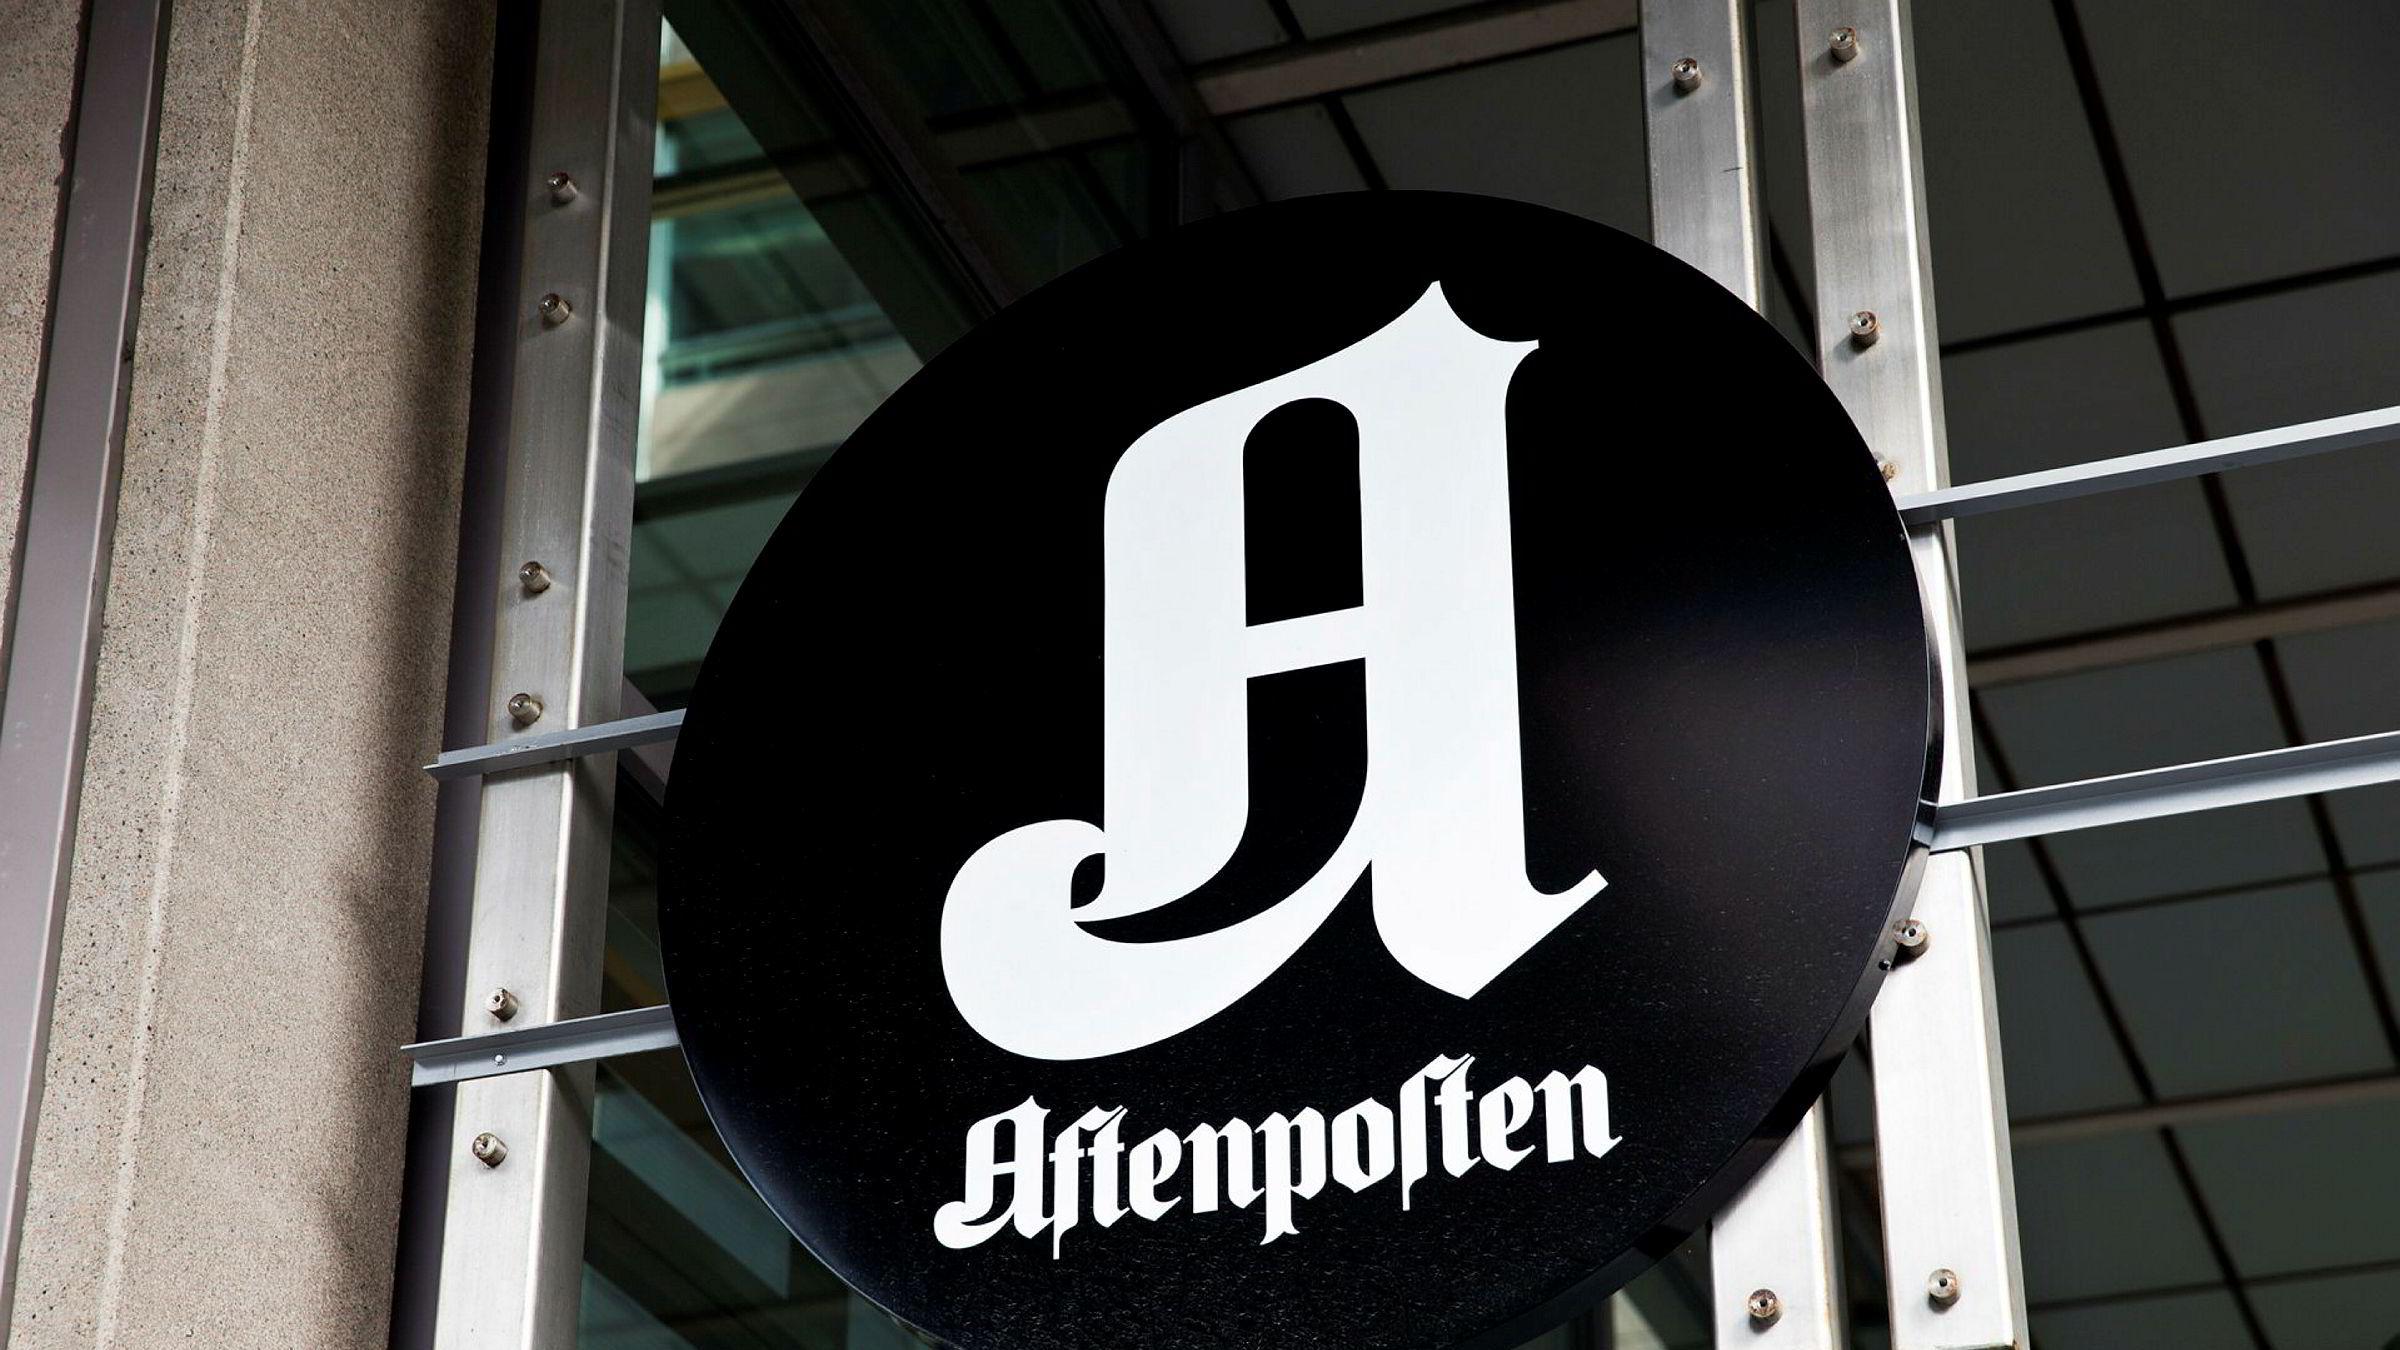 Omtrent 3000 kunder i Aftenposten har fått brukerinformasjon lekket.